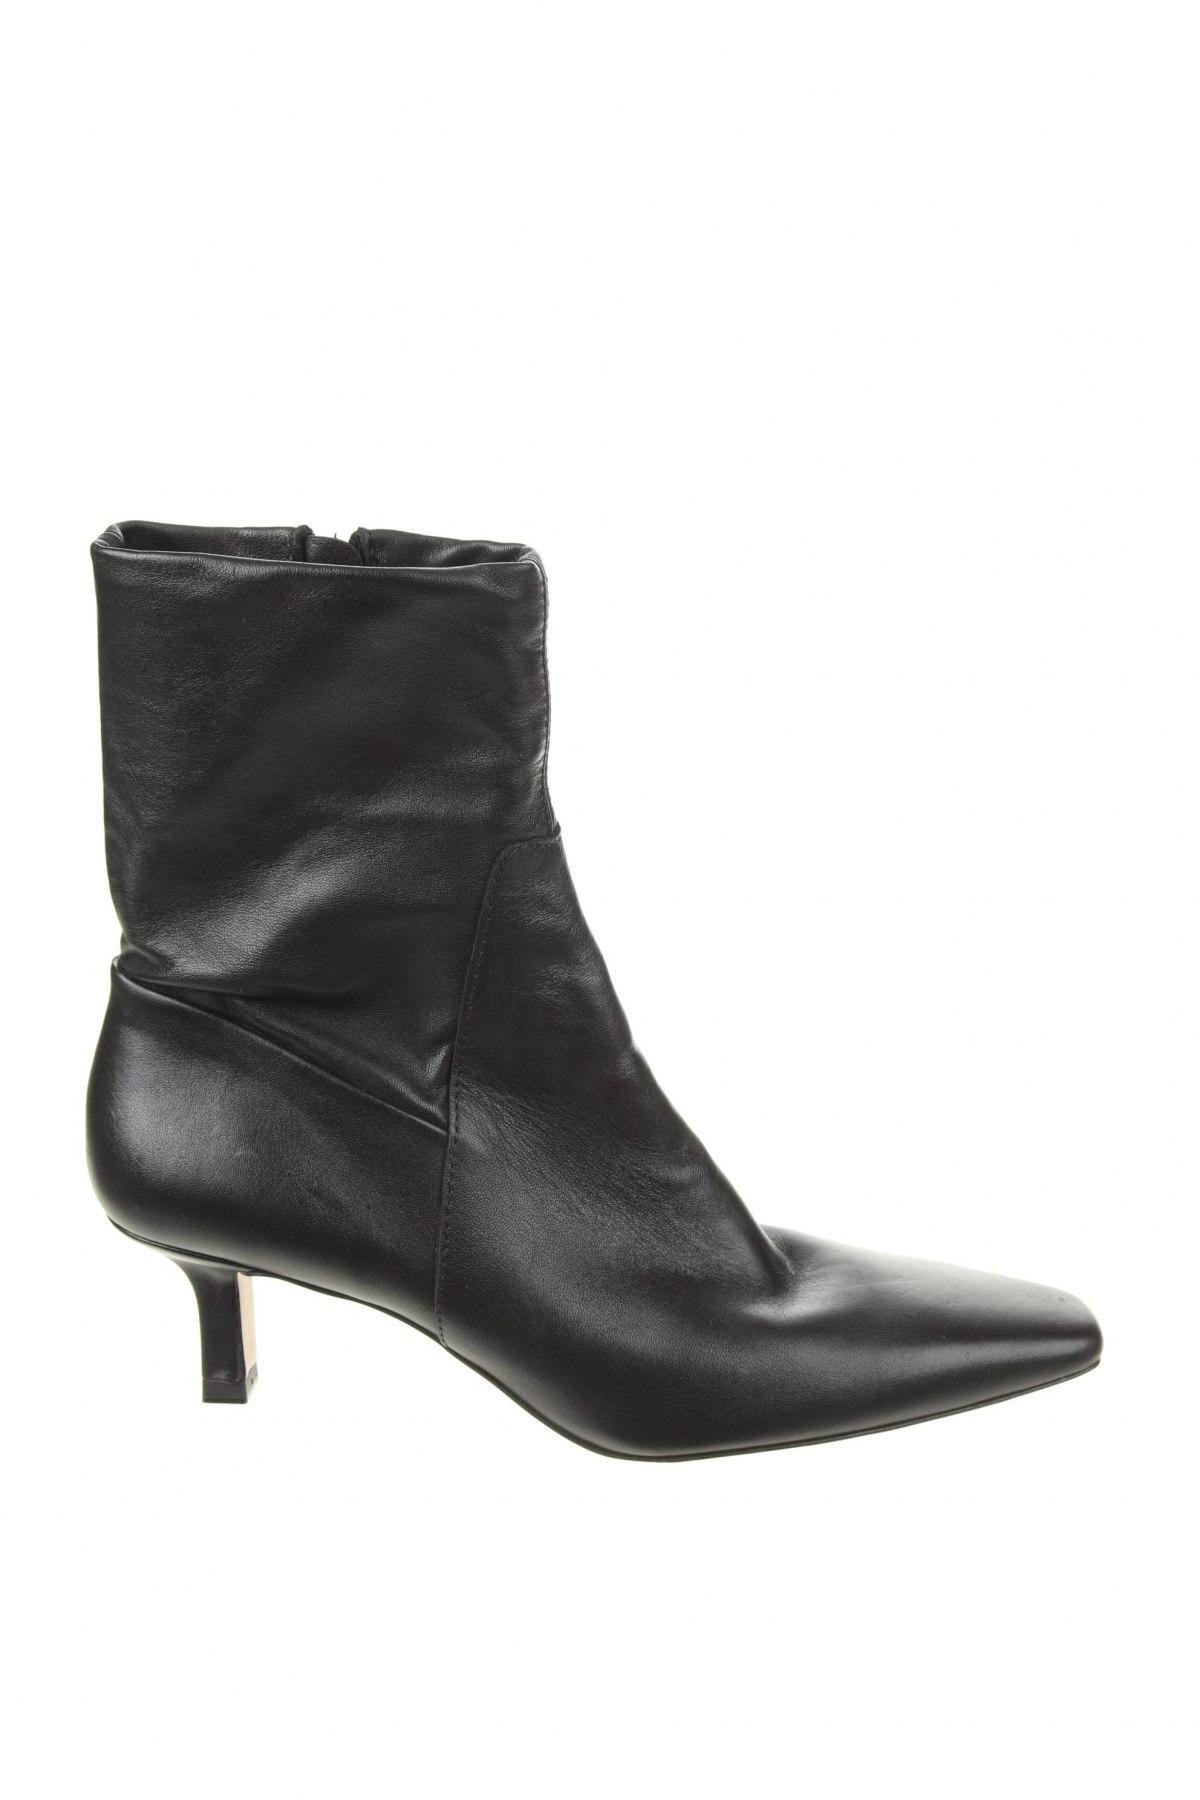 Γυναικεία μποτάκια Zara, Μέγεθος 41, Χρώμα Μαύρο, Γνήσιο δέρμα, Τιμή 16,48€